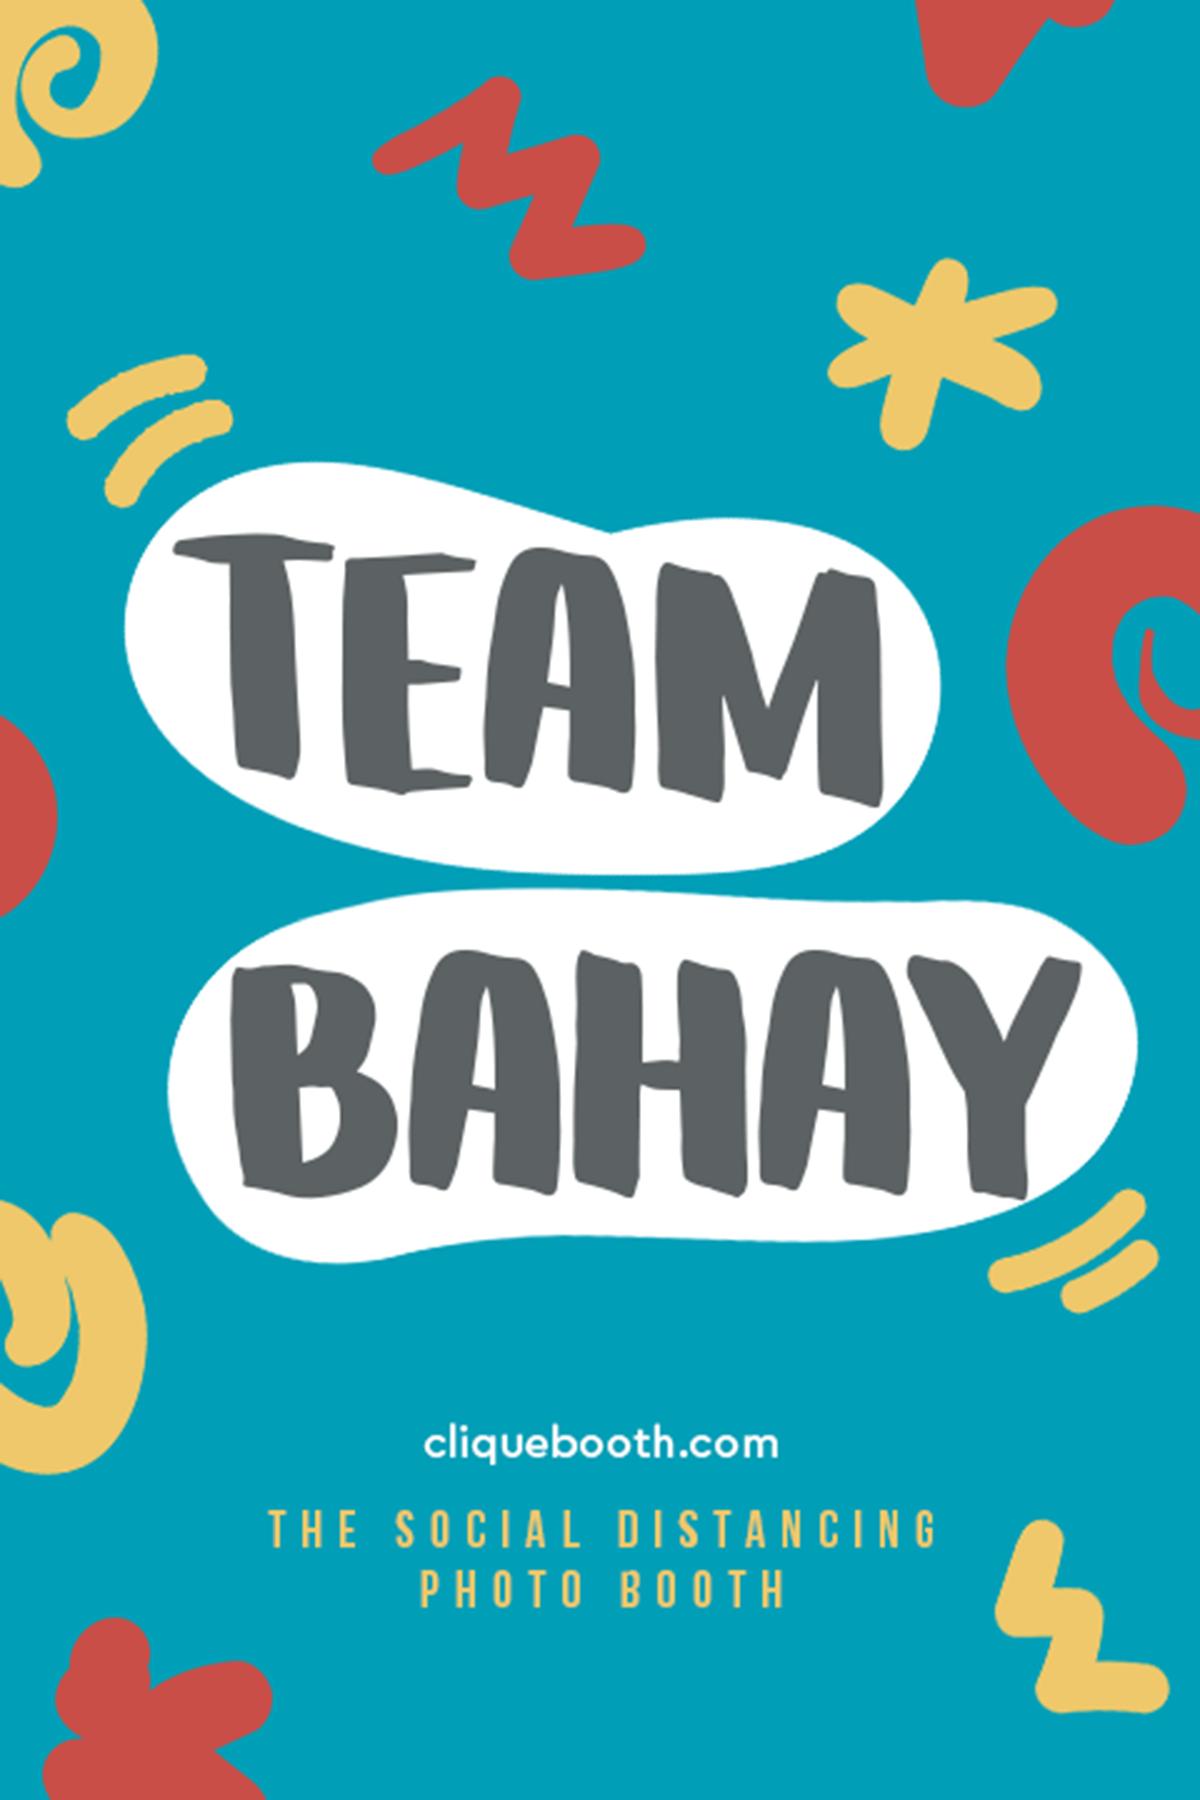 team bahay2_splash